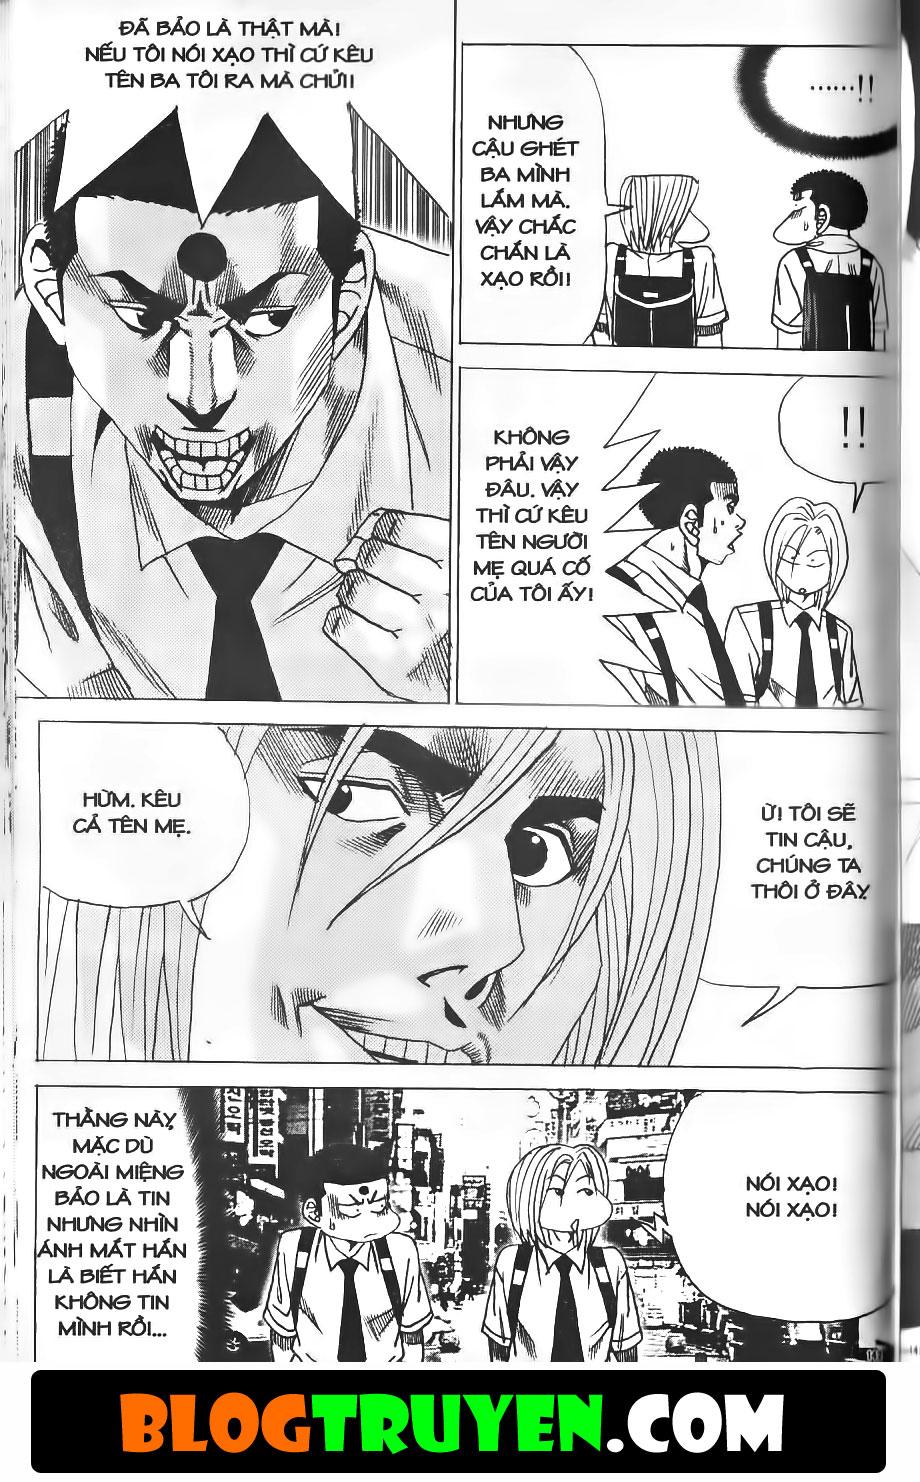 Bitagi - Anh chàng ngổ ngáo chap 182 trang 13